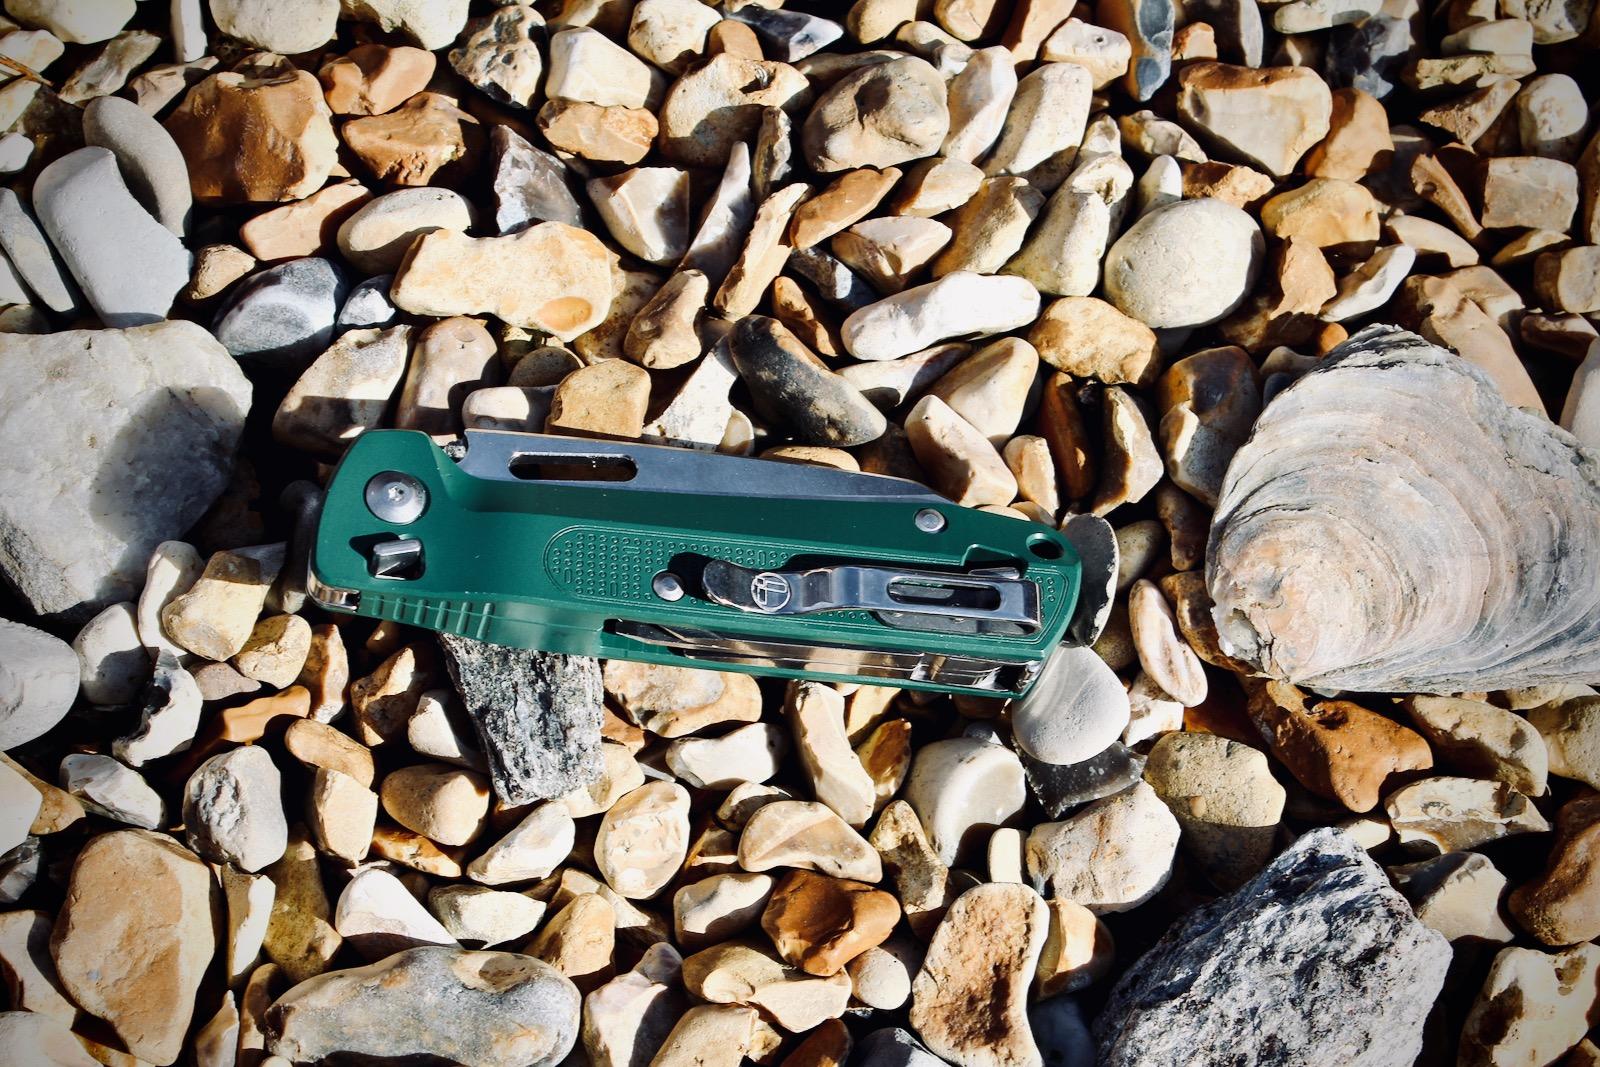 Leatherman FREE K2 Multipurpose Knife